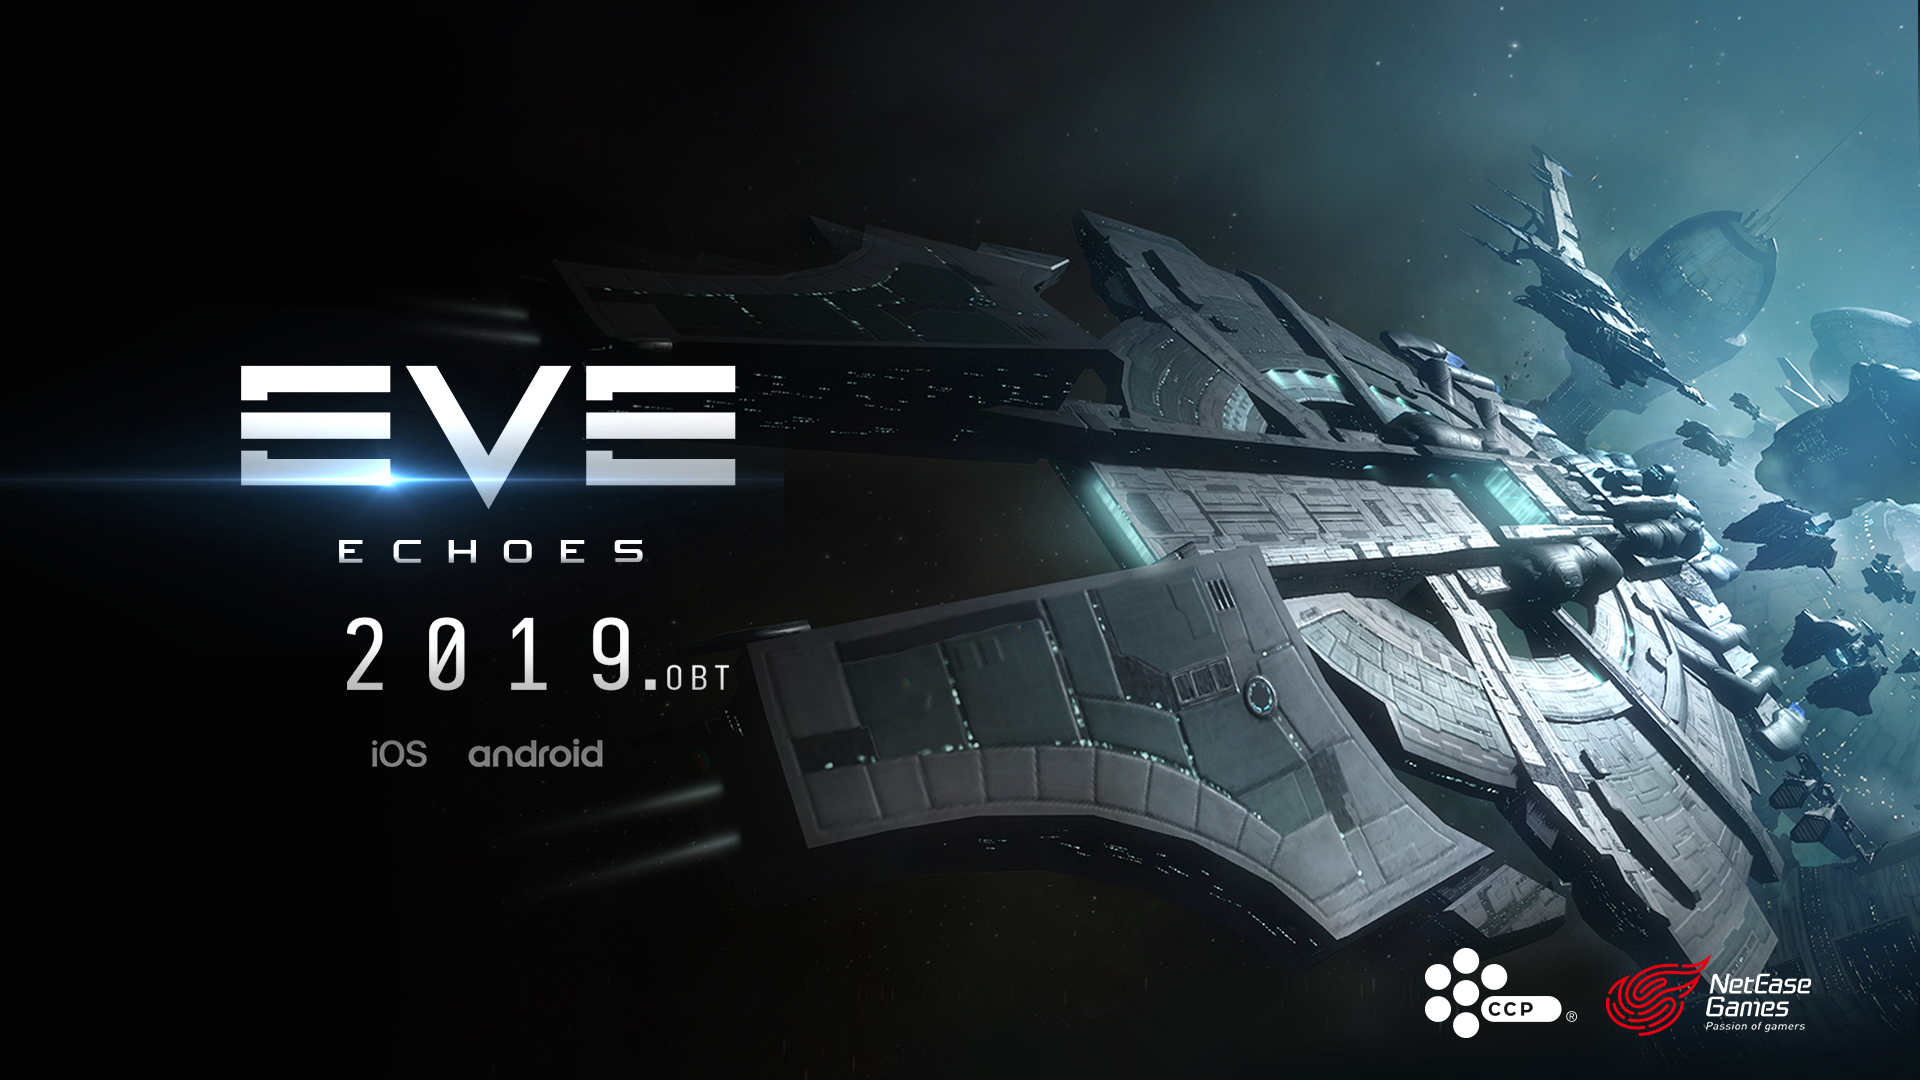 EVE IP手游英文名正式公布——这款2019年值得期待的游戏